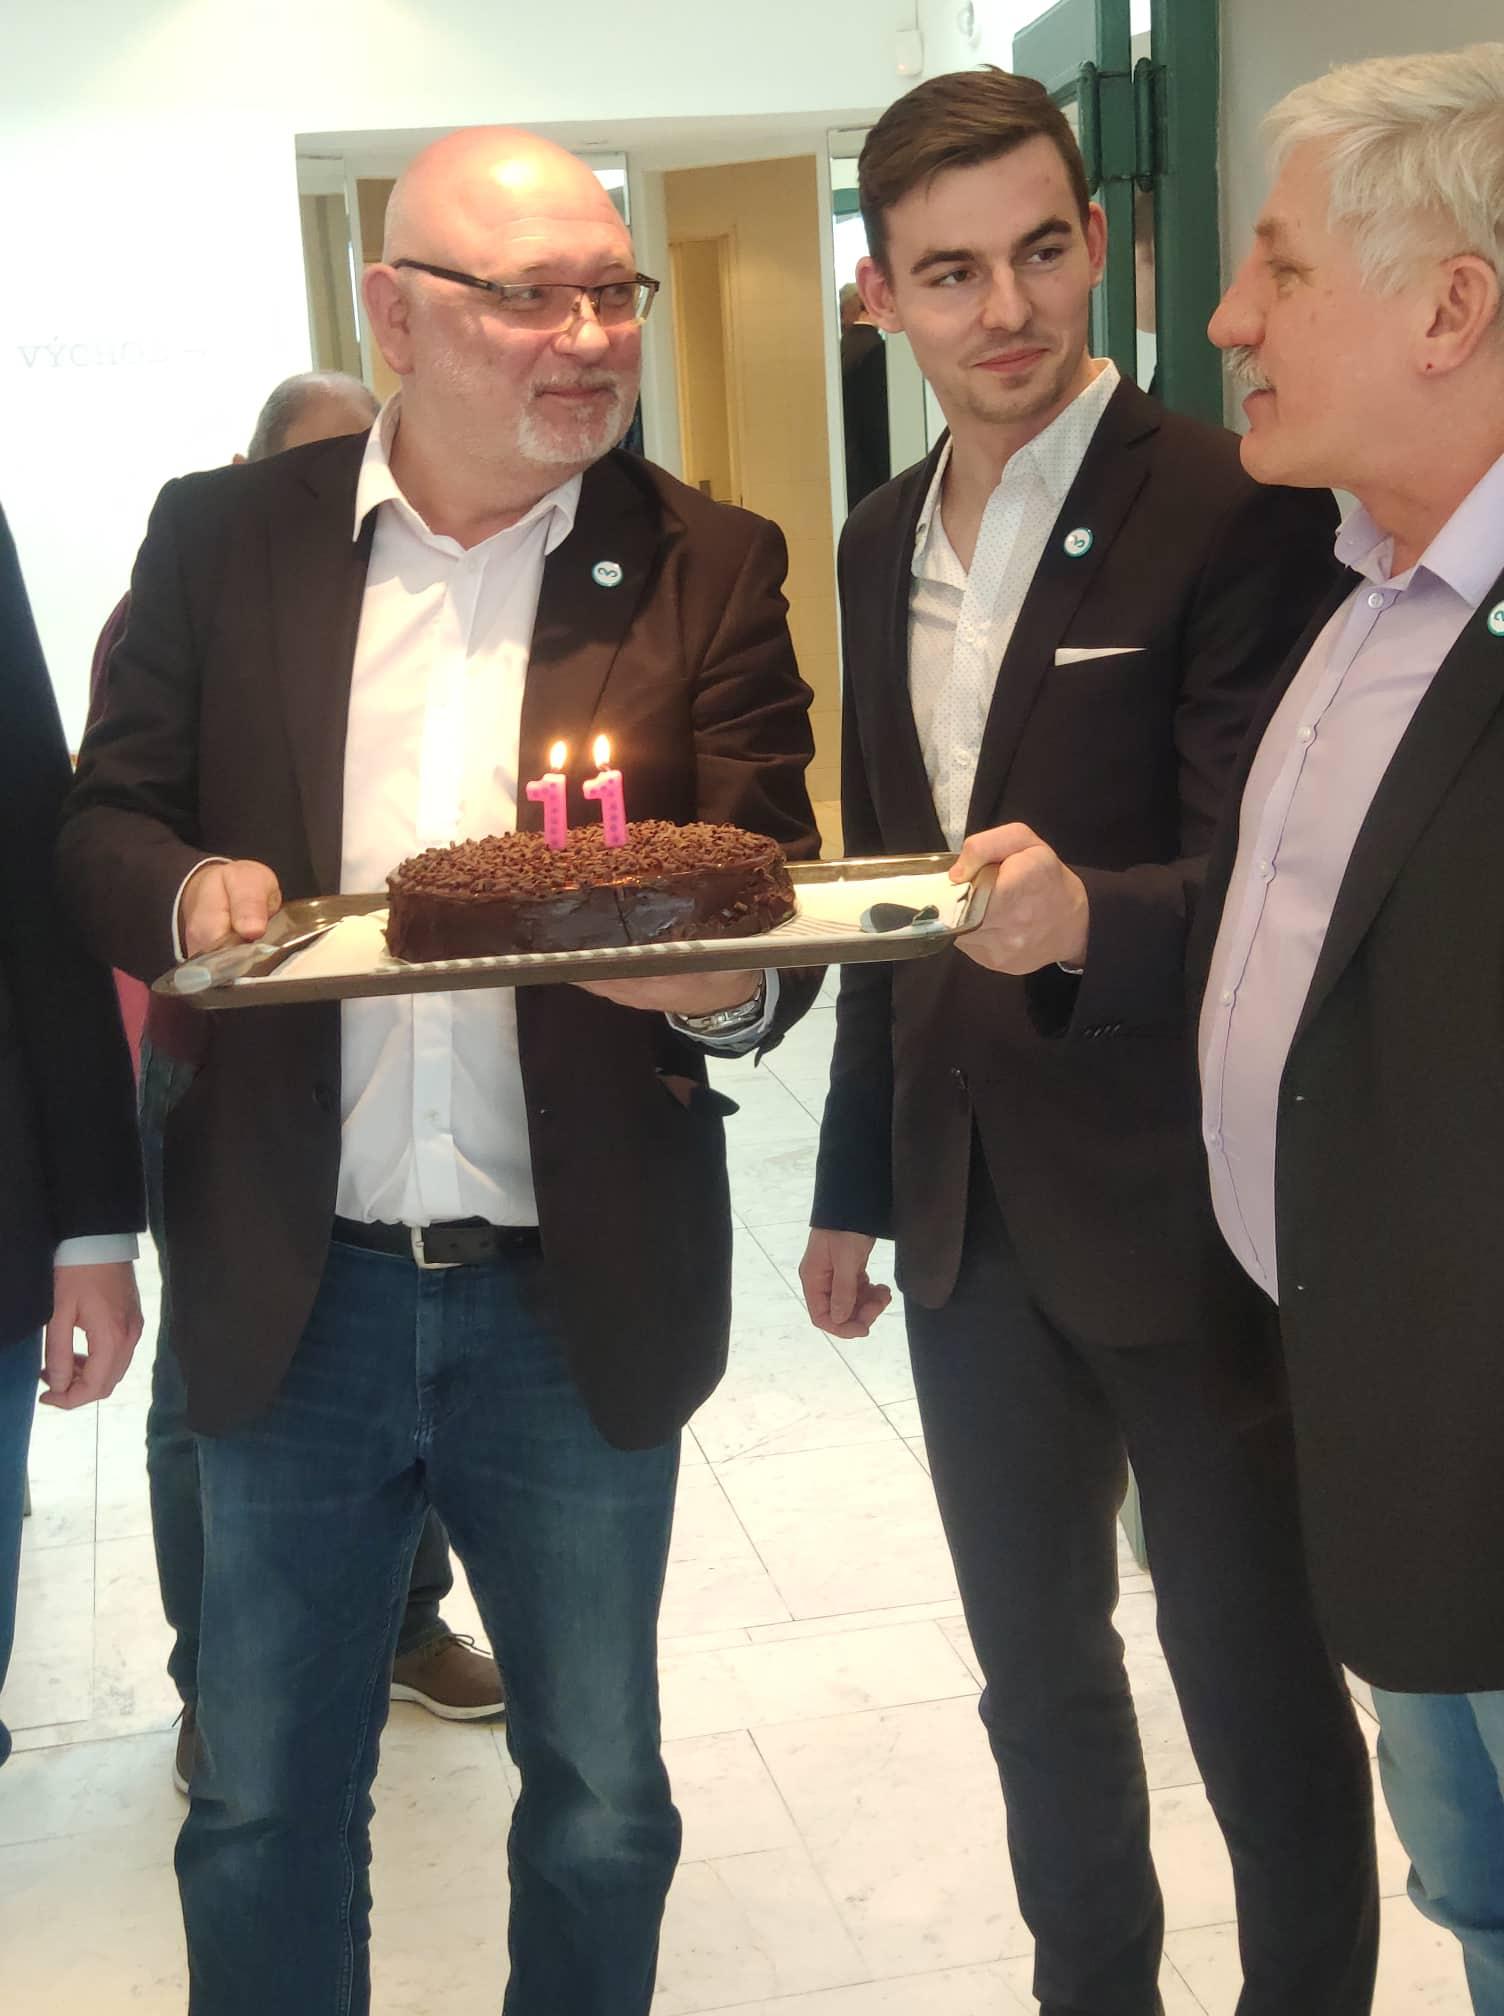 11. výročí založení Svobodných, zleva: místostarosta Jan Dočekal, předseda Libor Vondráček a zakládající člen Jiří Payne